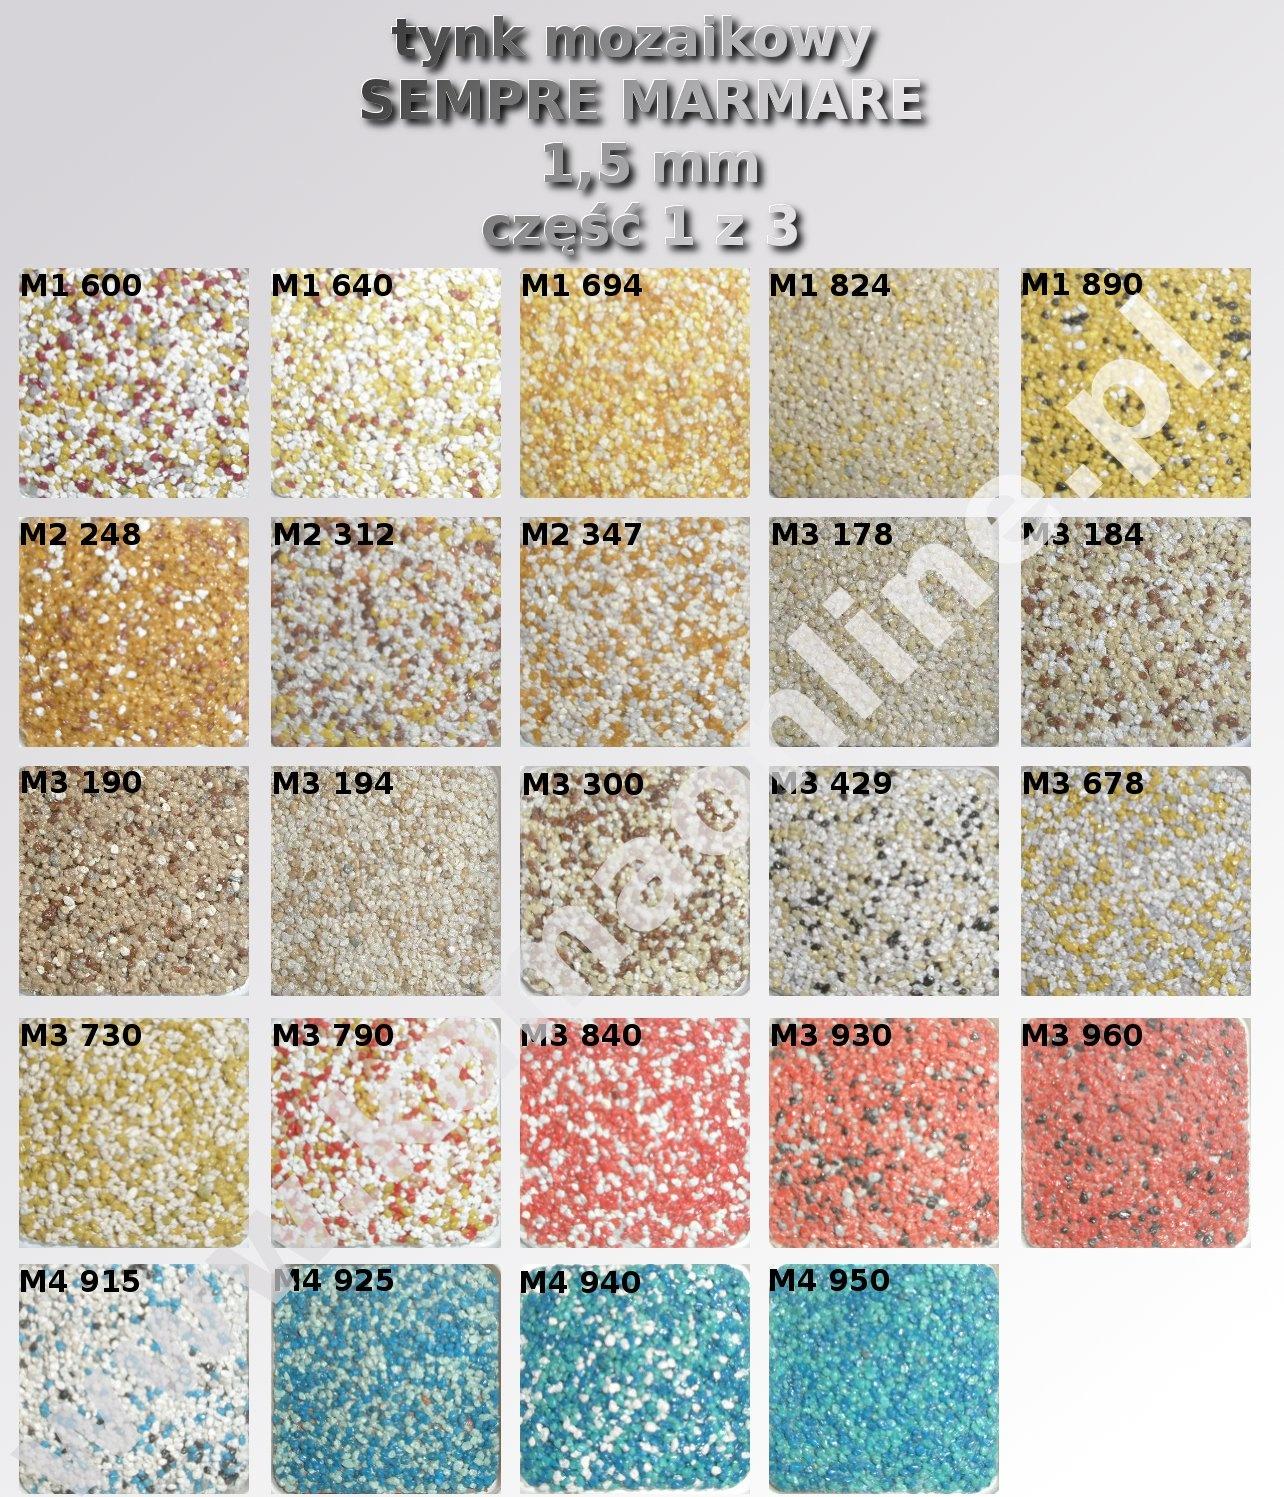 Tynk Mozaikowy Sempre Marmare 1 5 Mm 25 Kg Kamaonline Pl